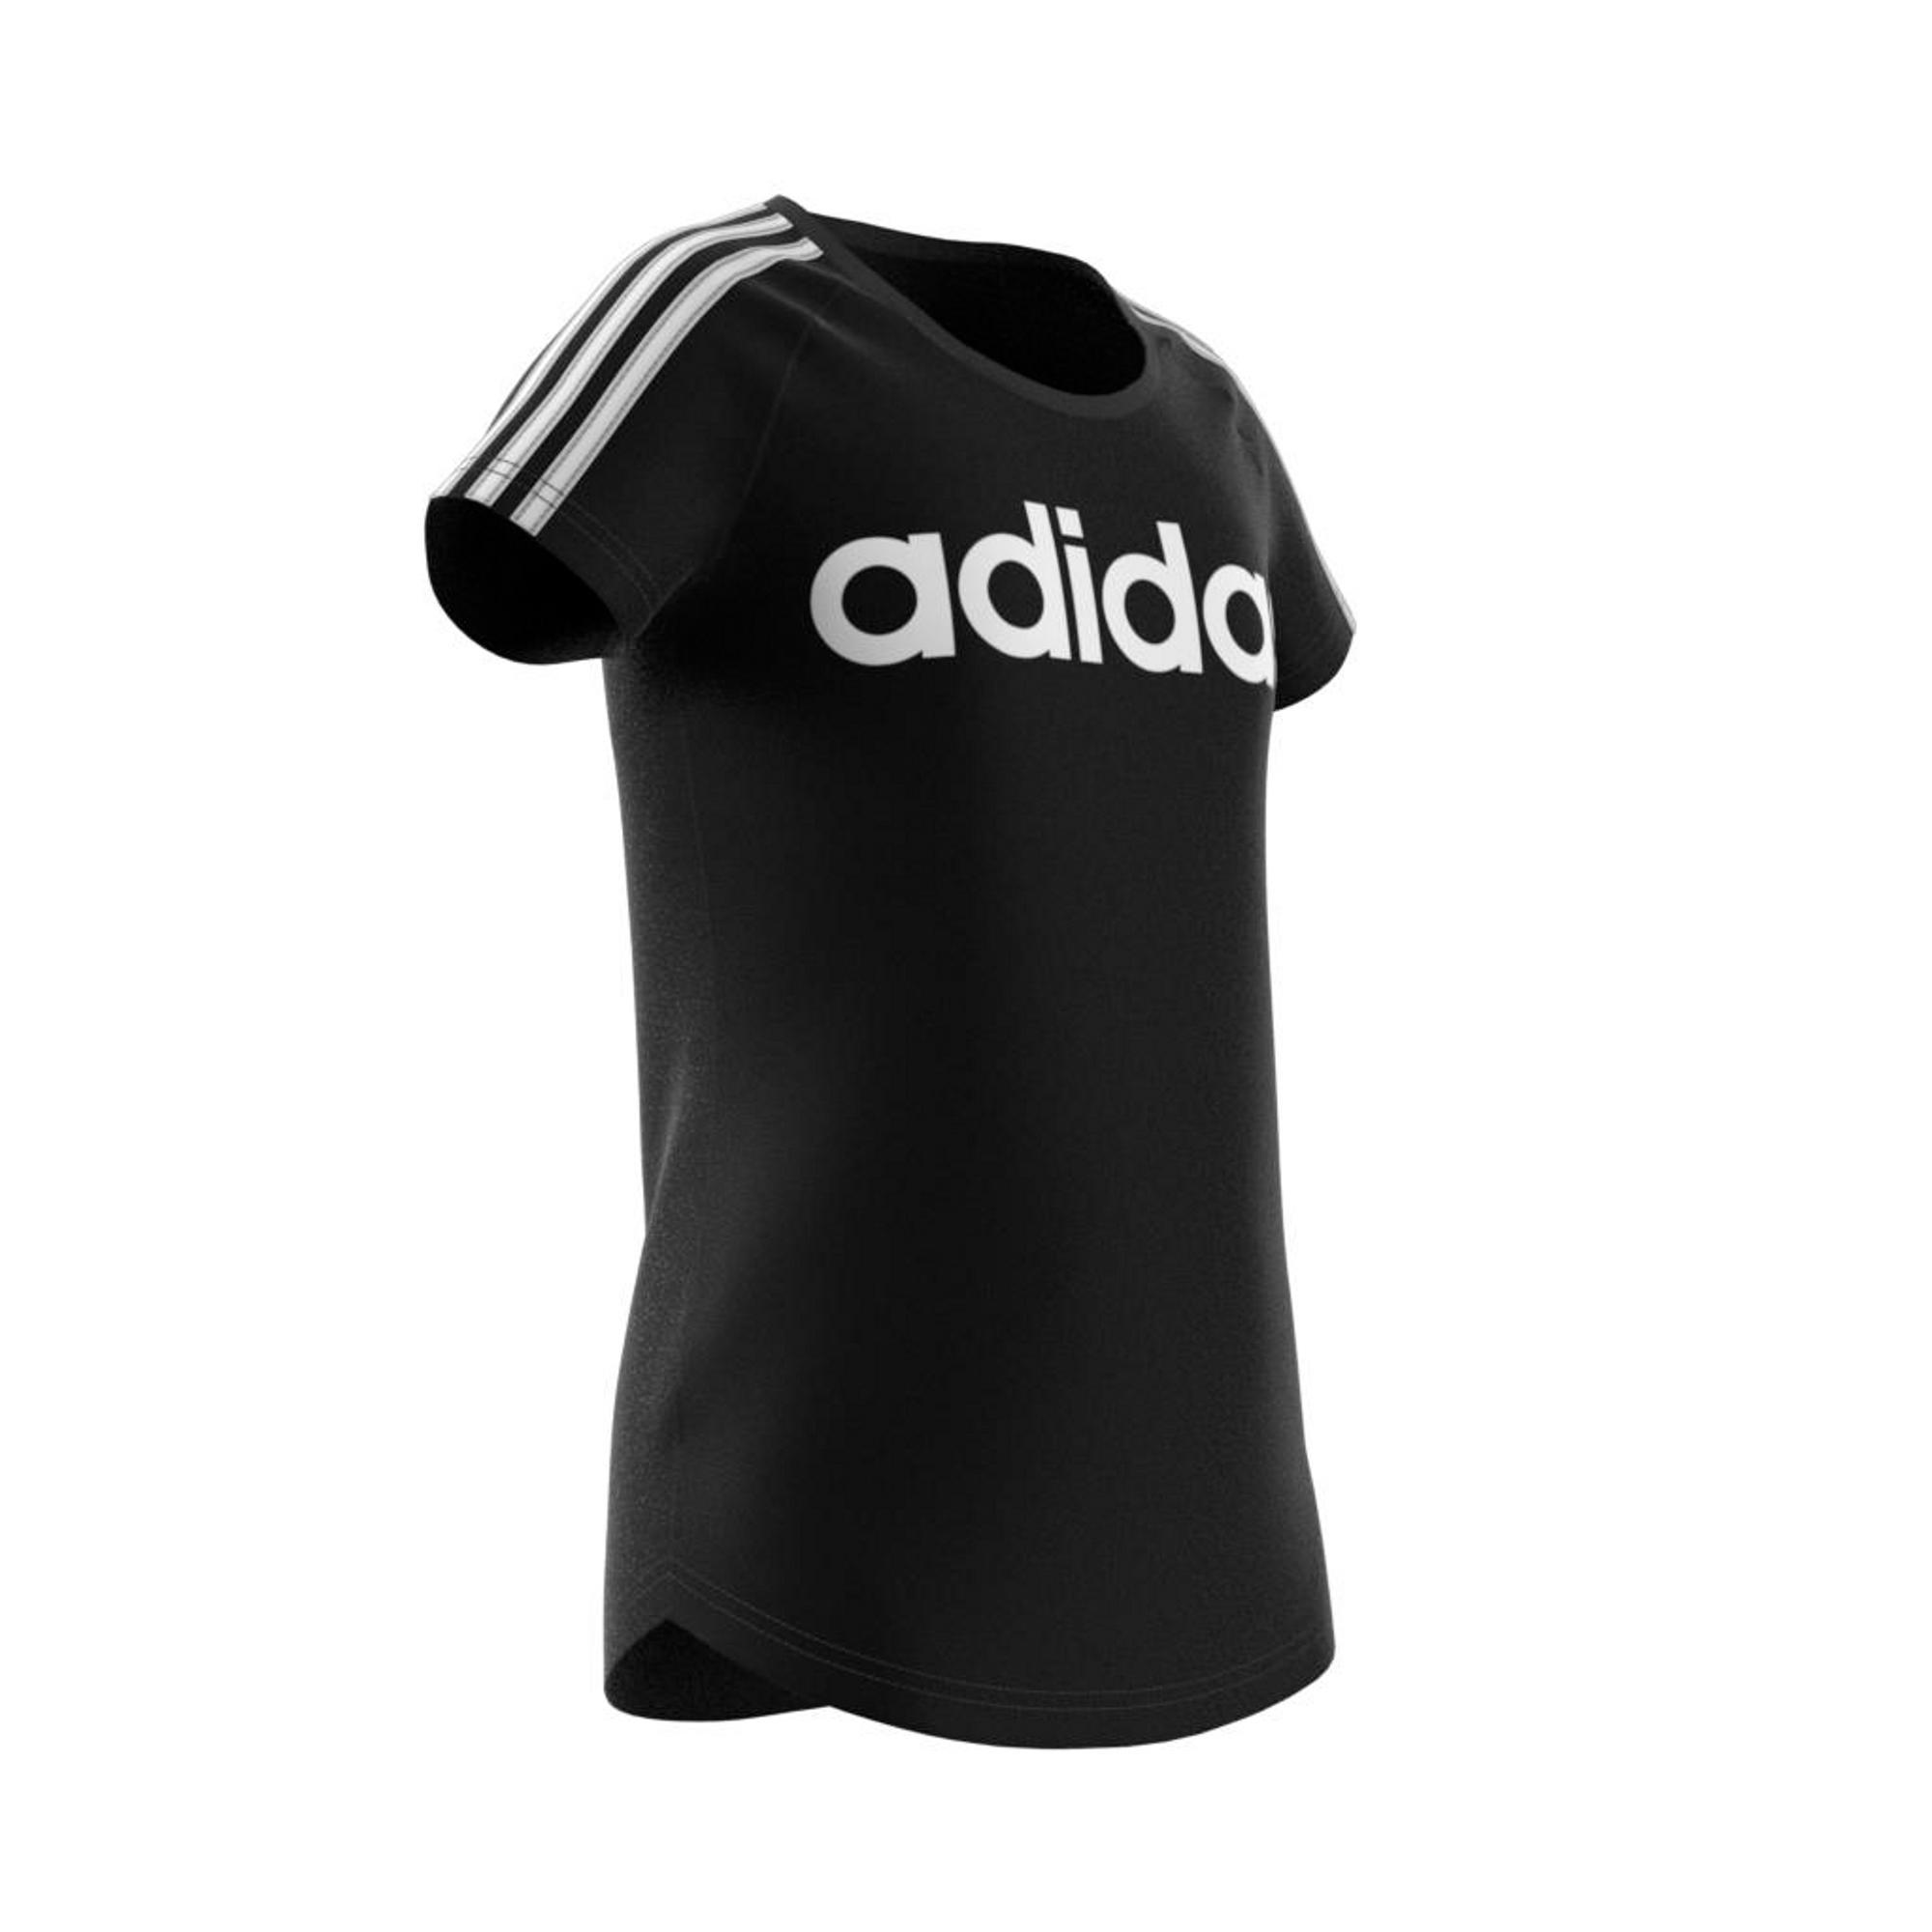 Tricou Adidas negru Fete imagine